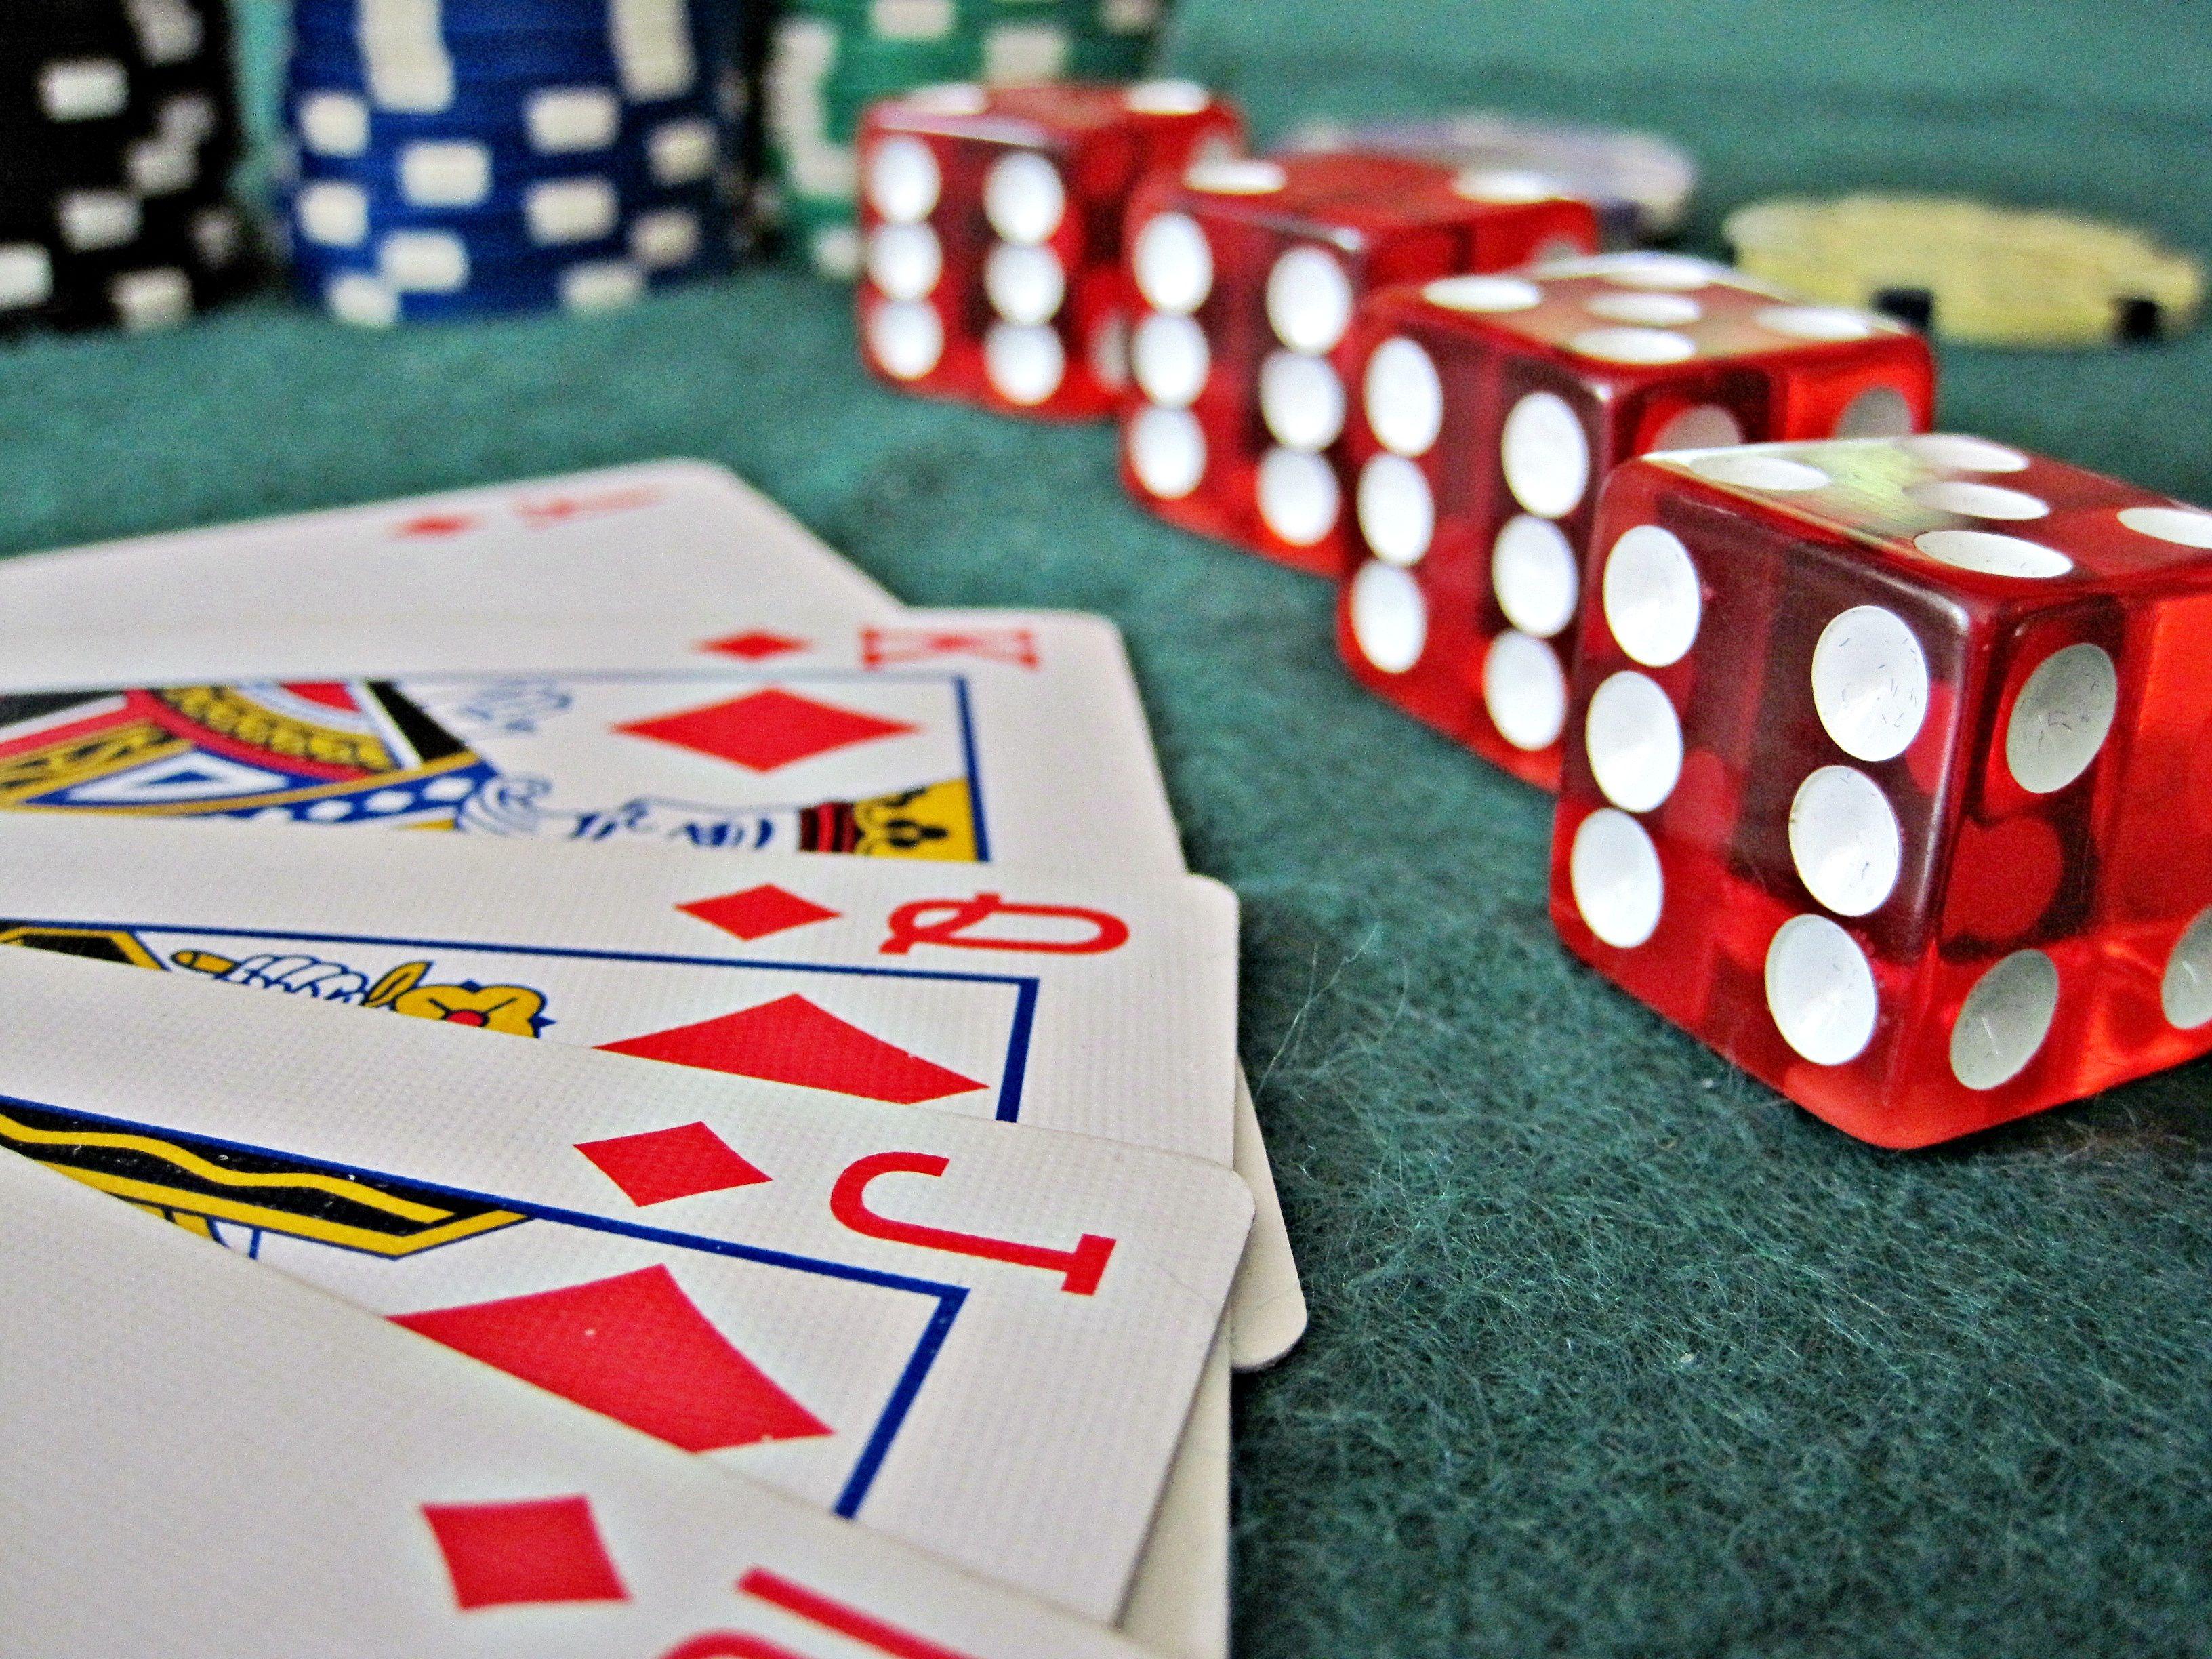 Казино развлекательные игры плавающее казино пхукет